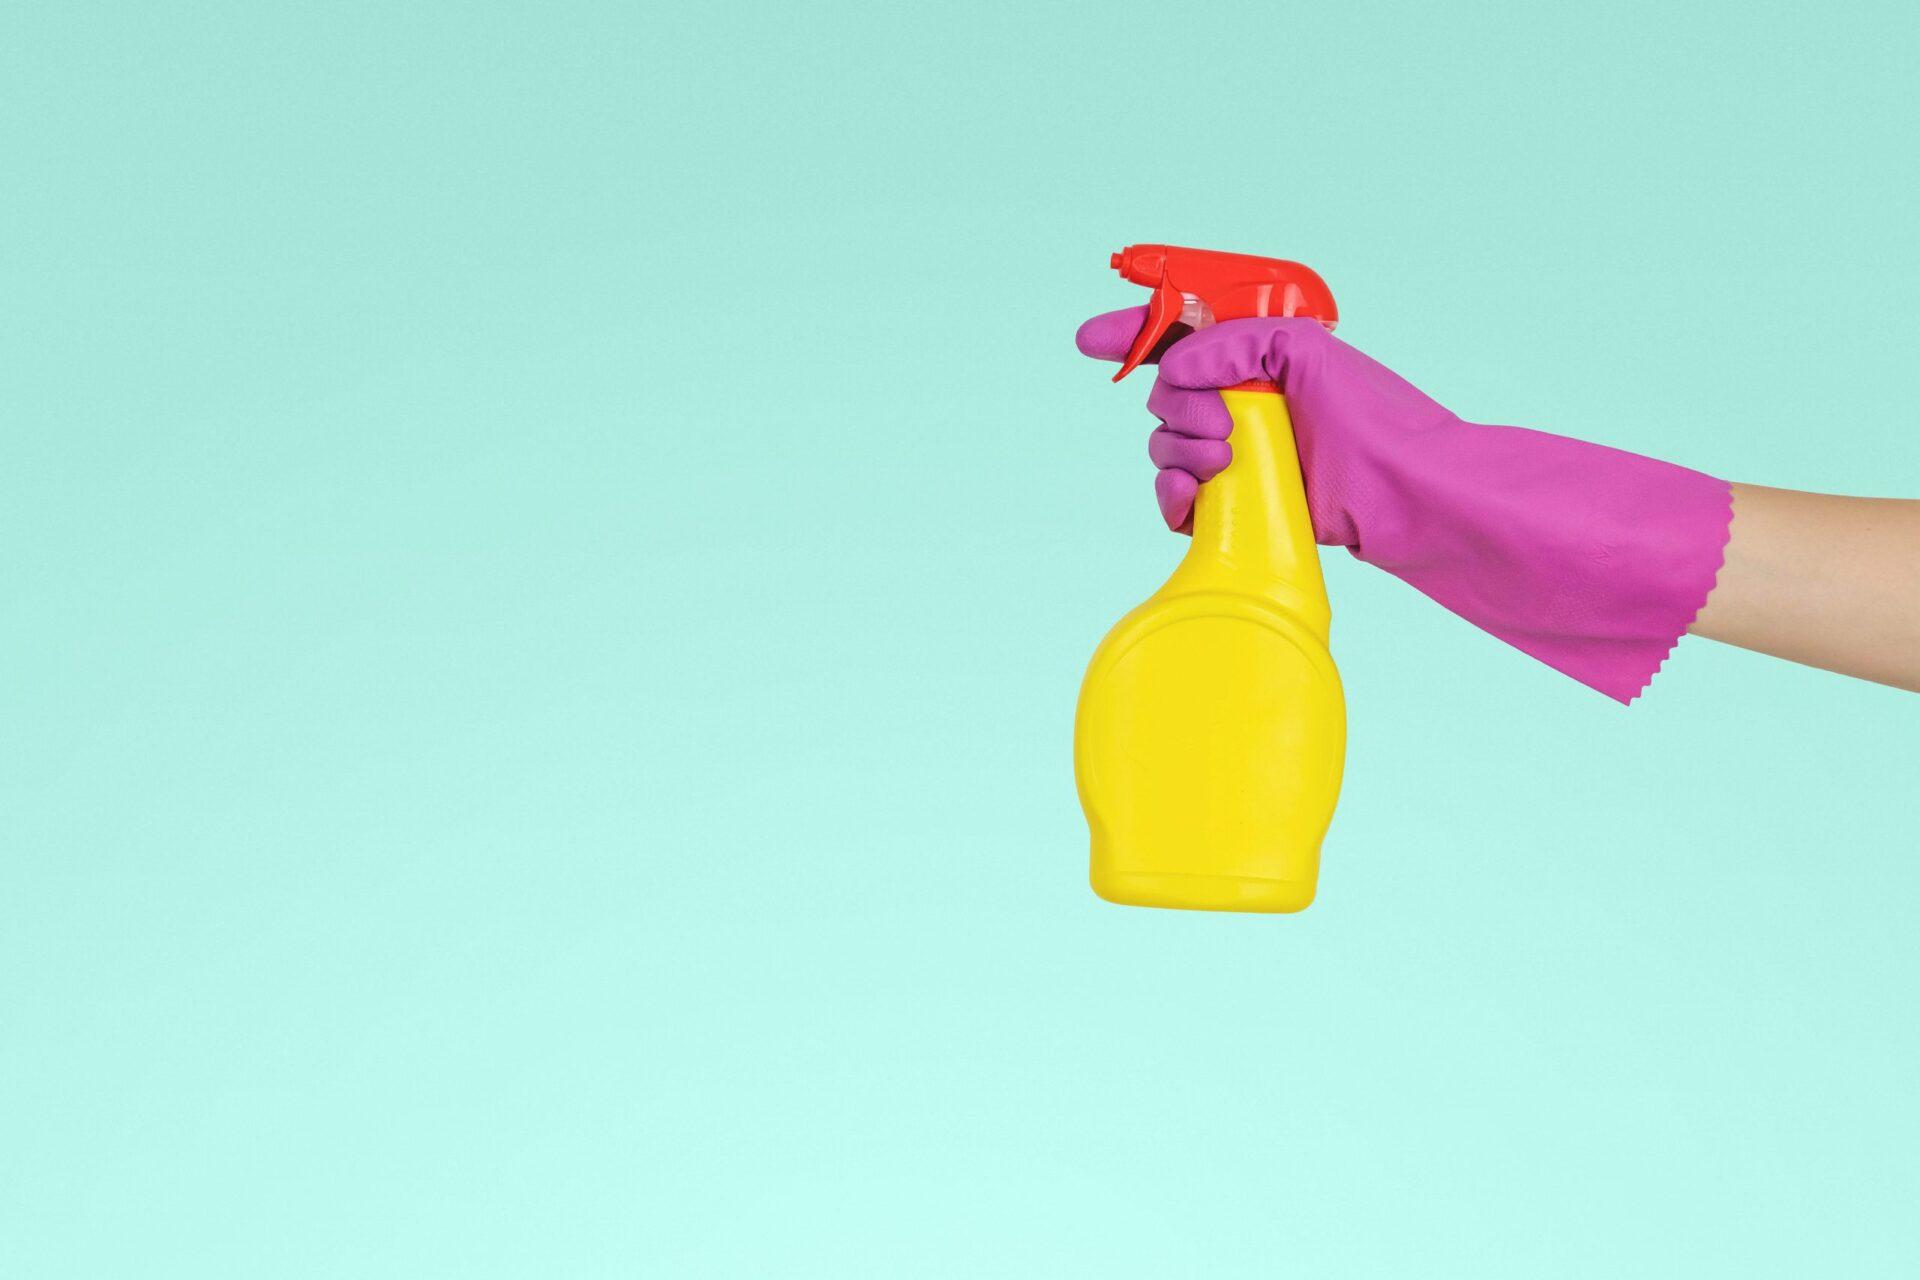 Pflegesessel reinigen und desinfizieren